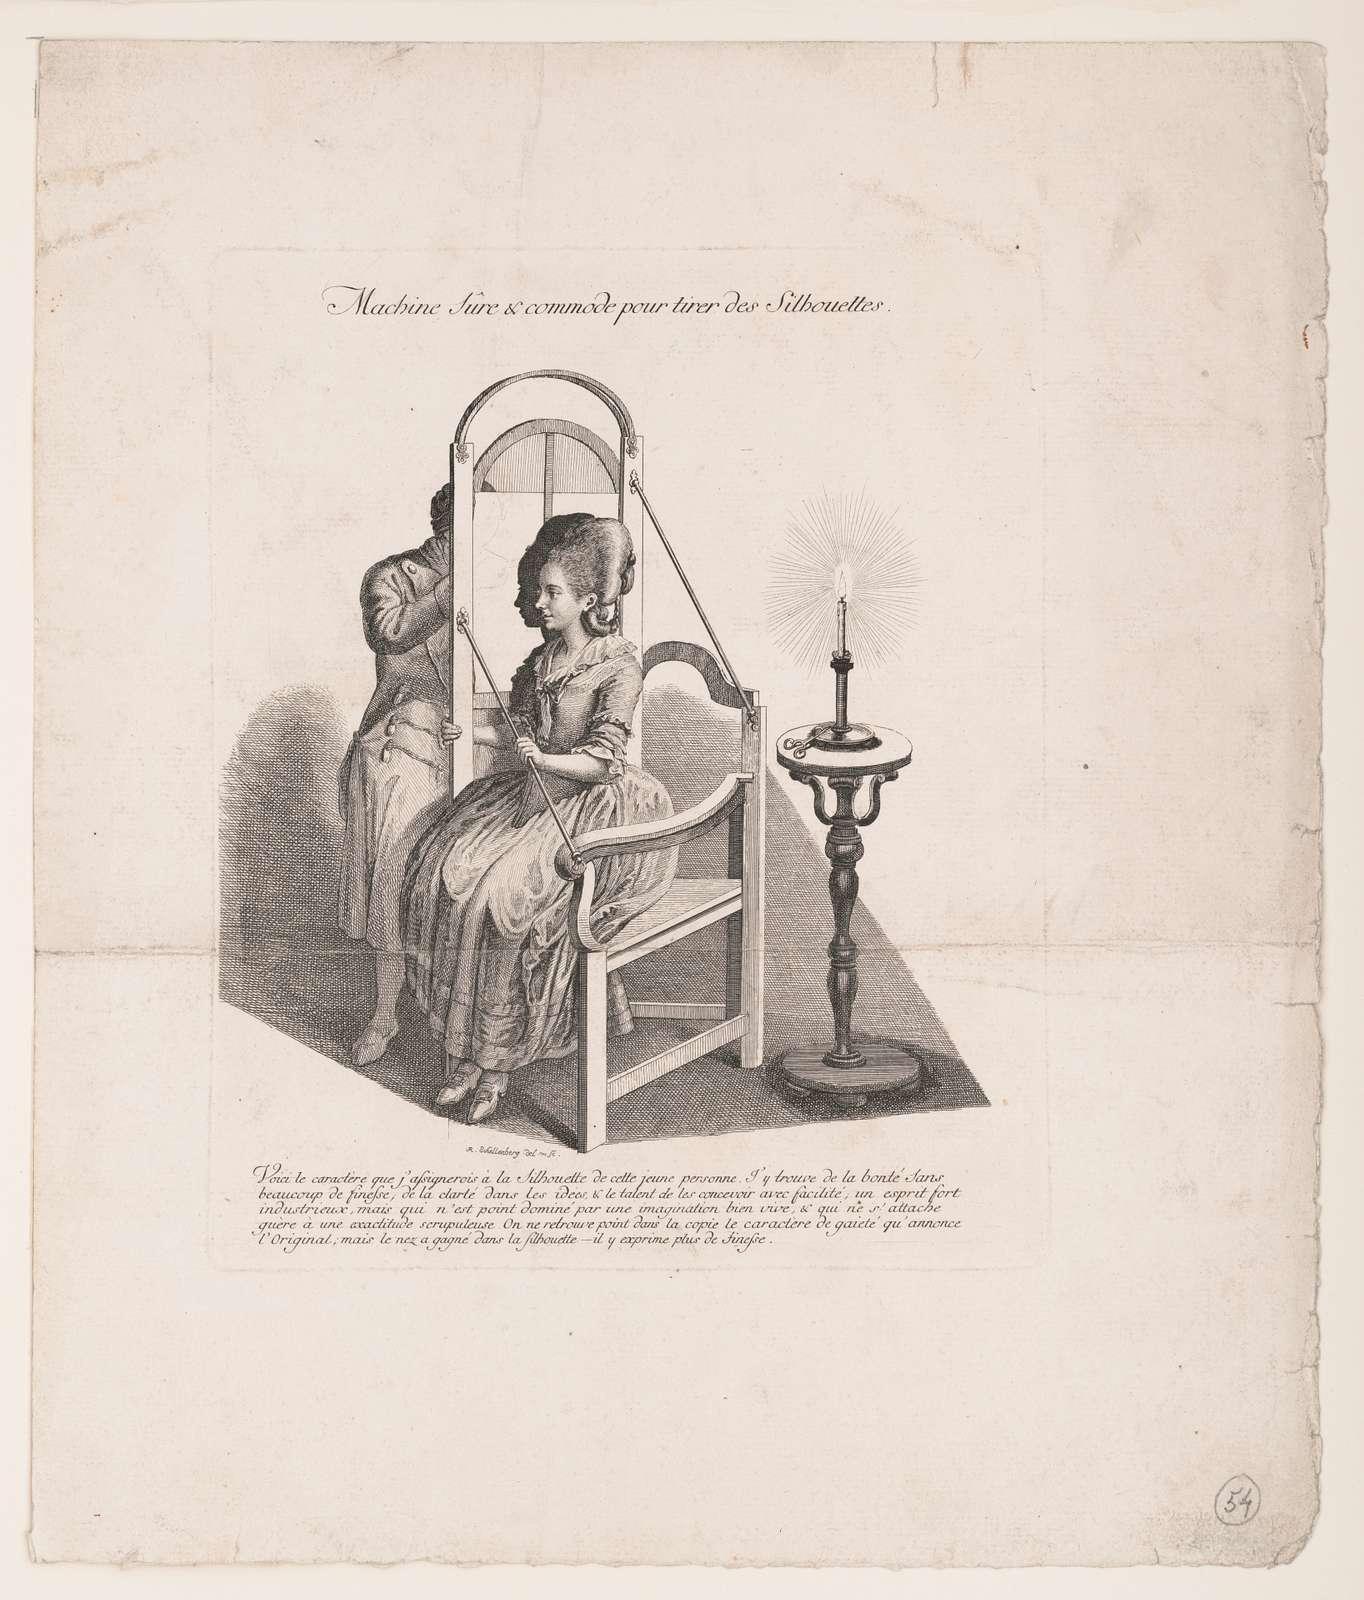 Machine sûre & commode pour tirer des silhouettes R. Schellenberg del. & sc